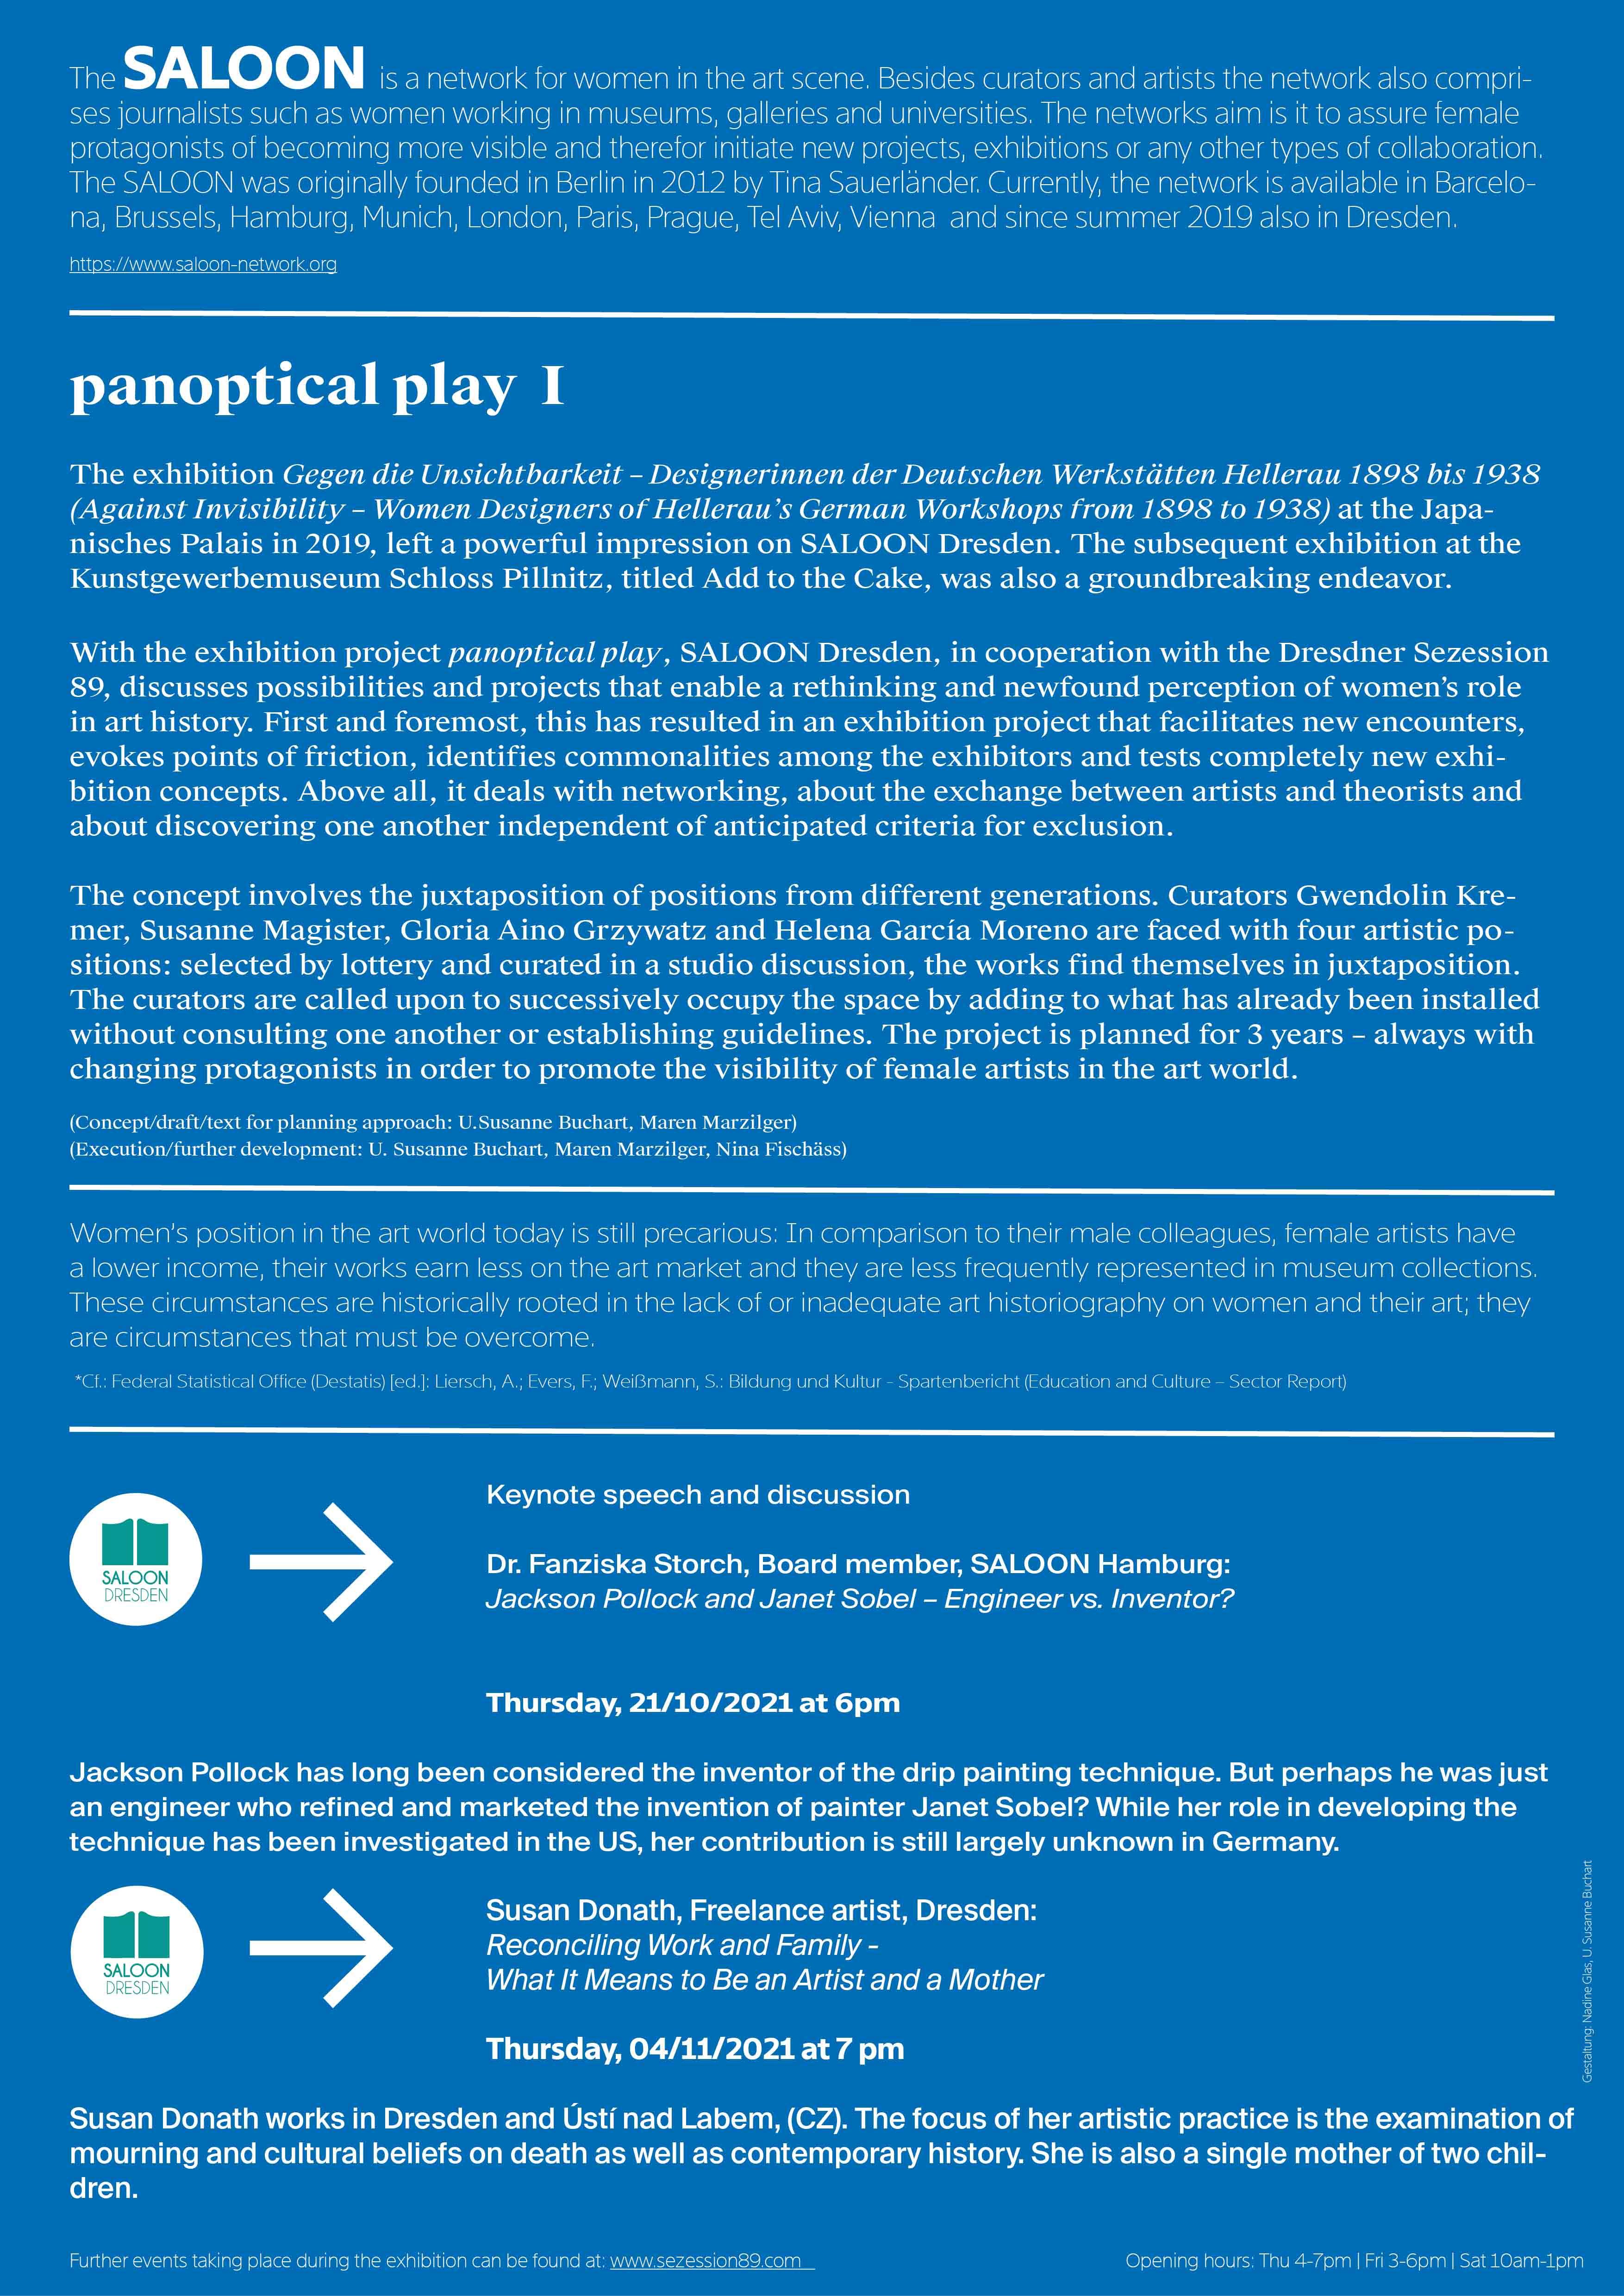 Veranstaltungen panoptical play I englische Version